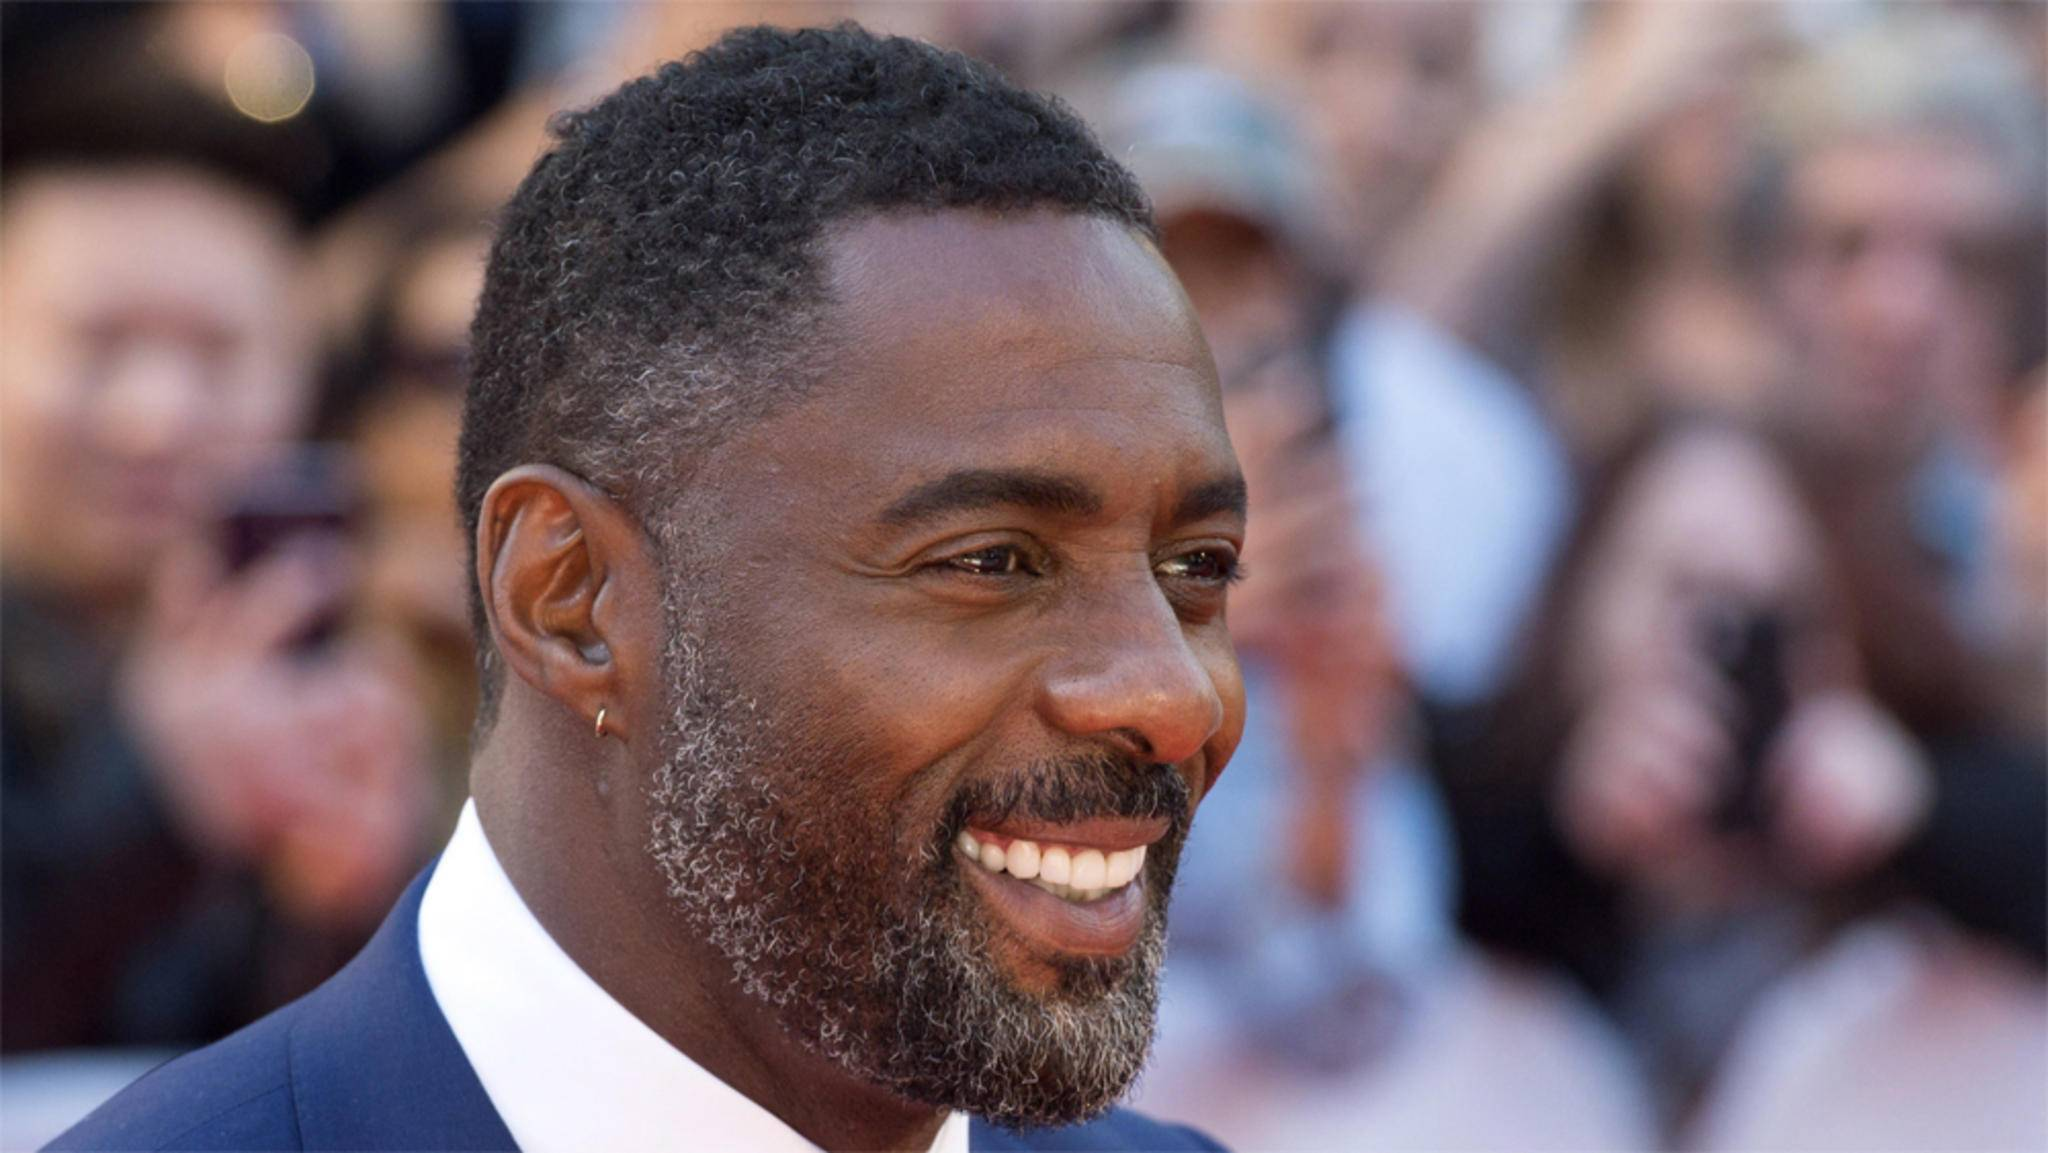 Wer hätte das gedacht: Idris Elba liebt Musicals.